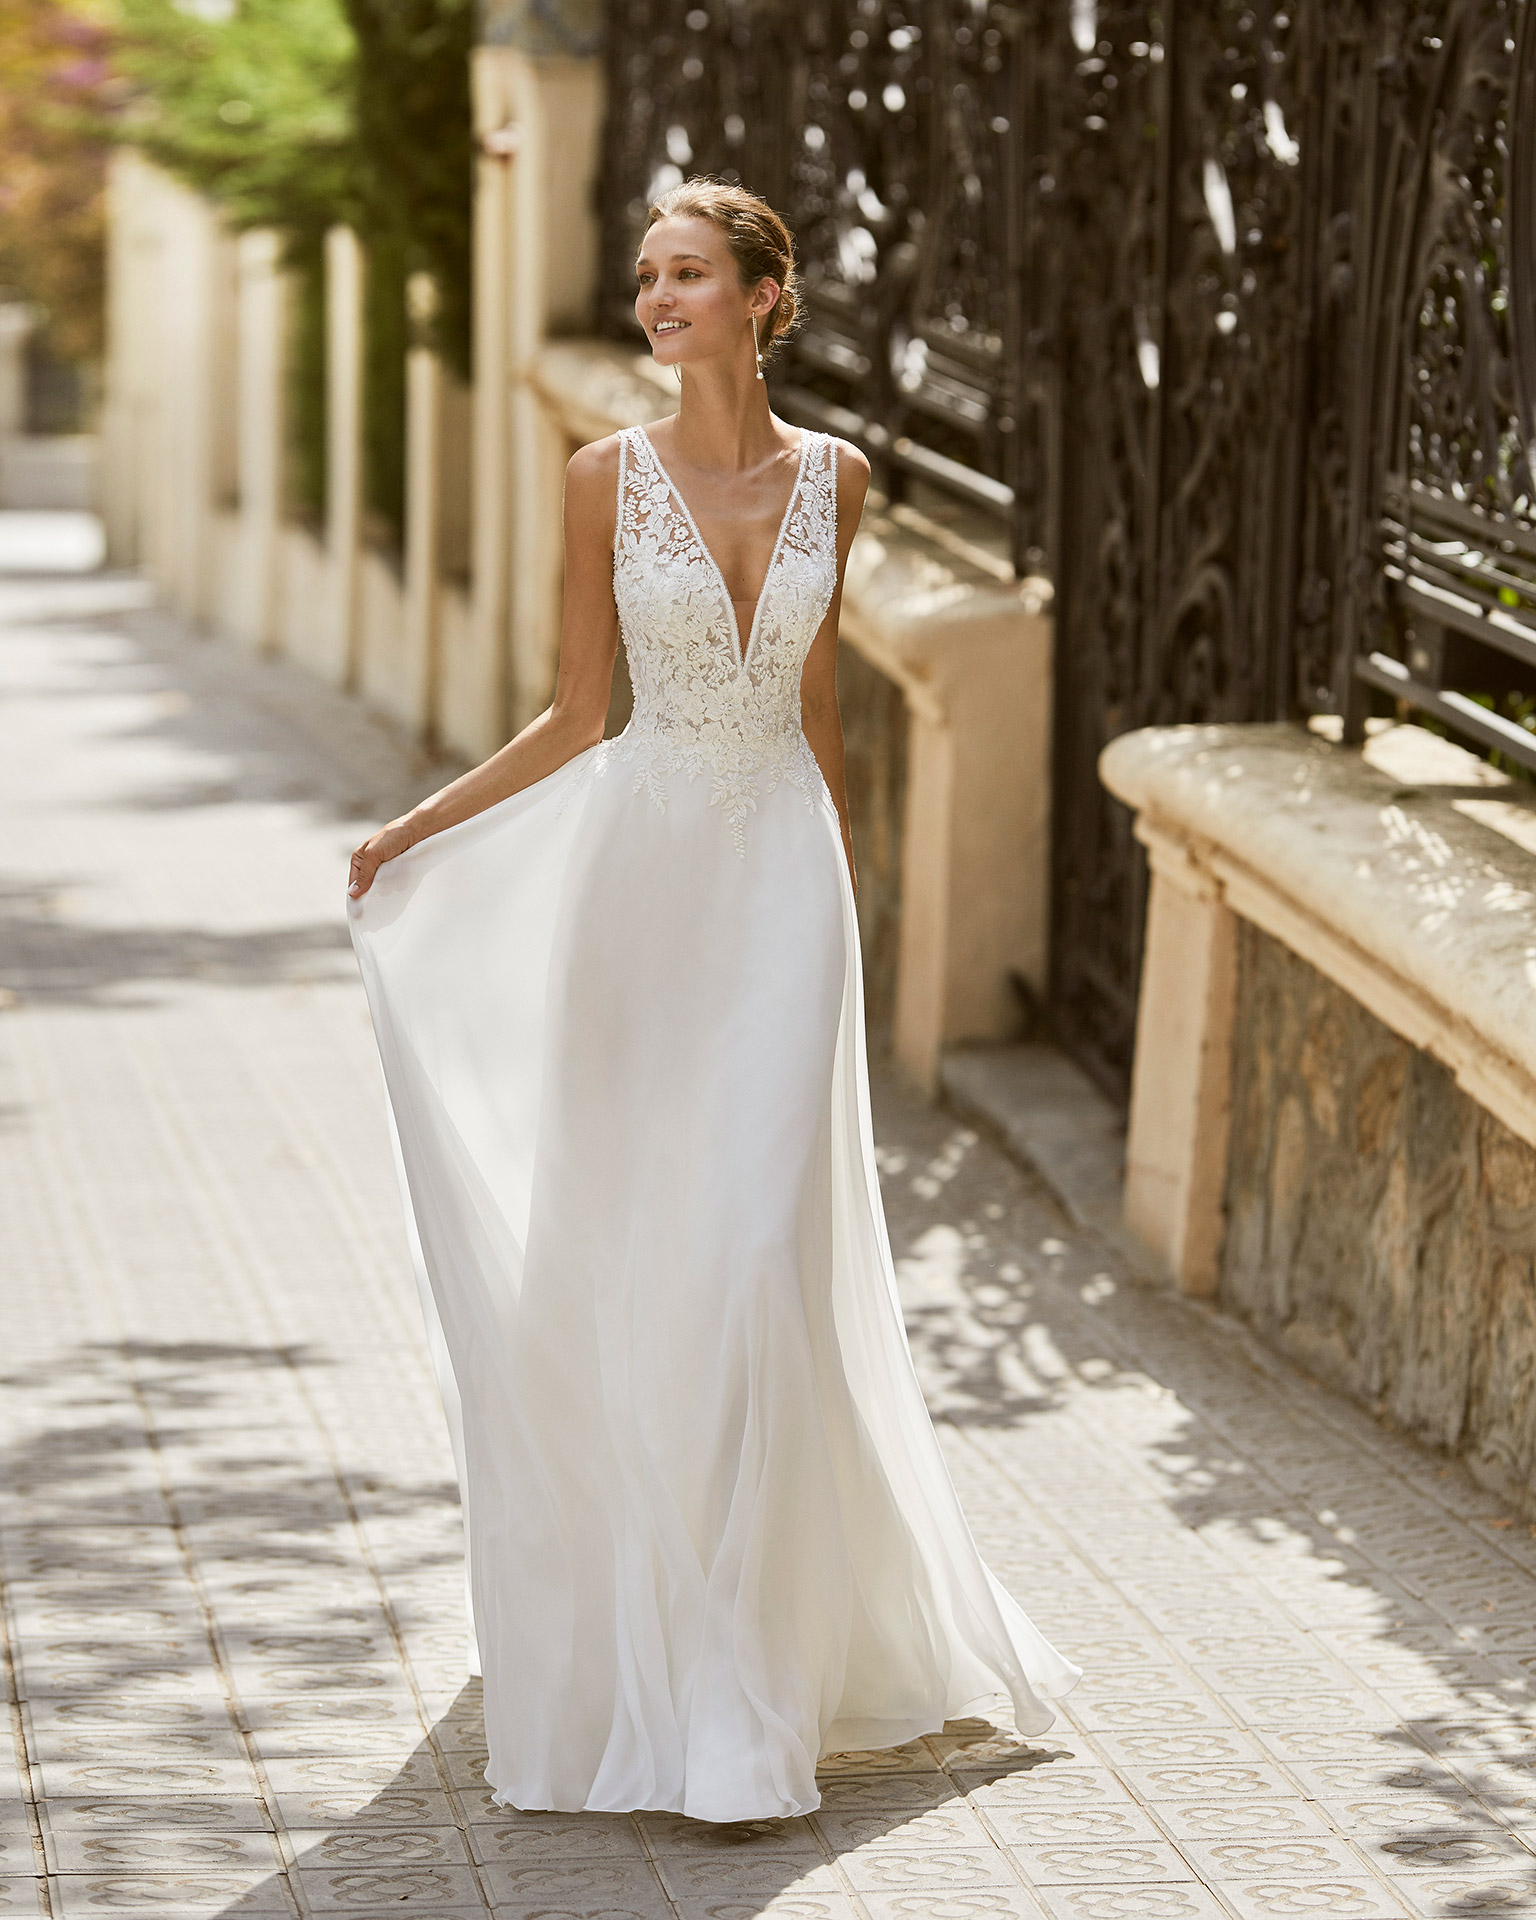 Vestido de novia ligero de gasa, encaje y pedrería. Escote en V y espalda con encaje aplicado. Colección  2022.